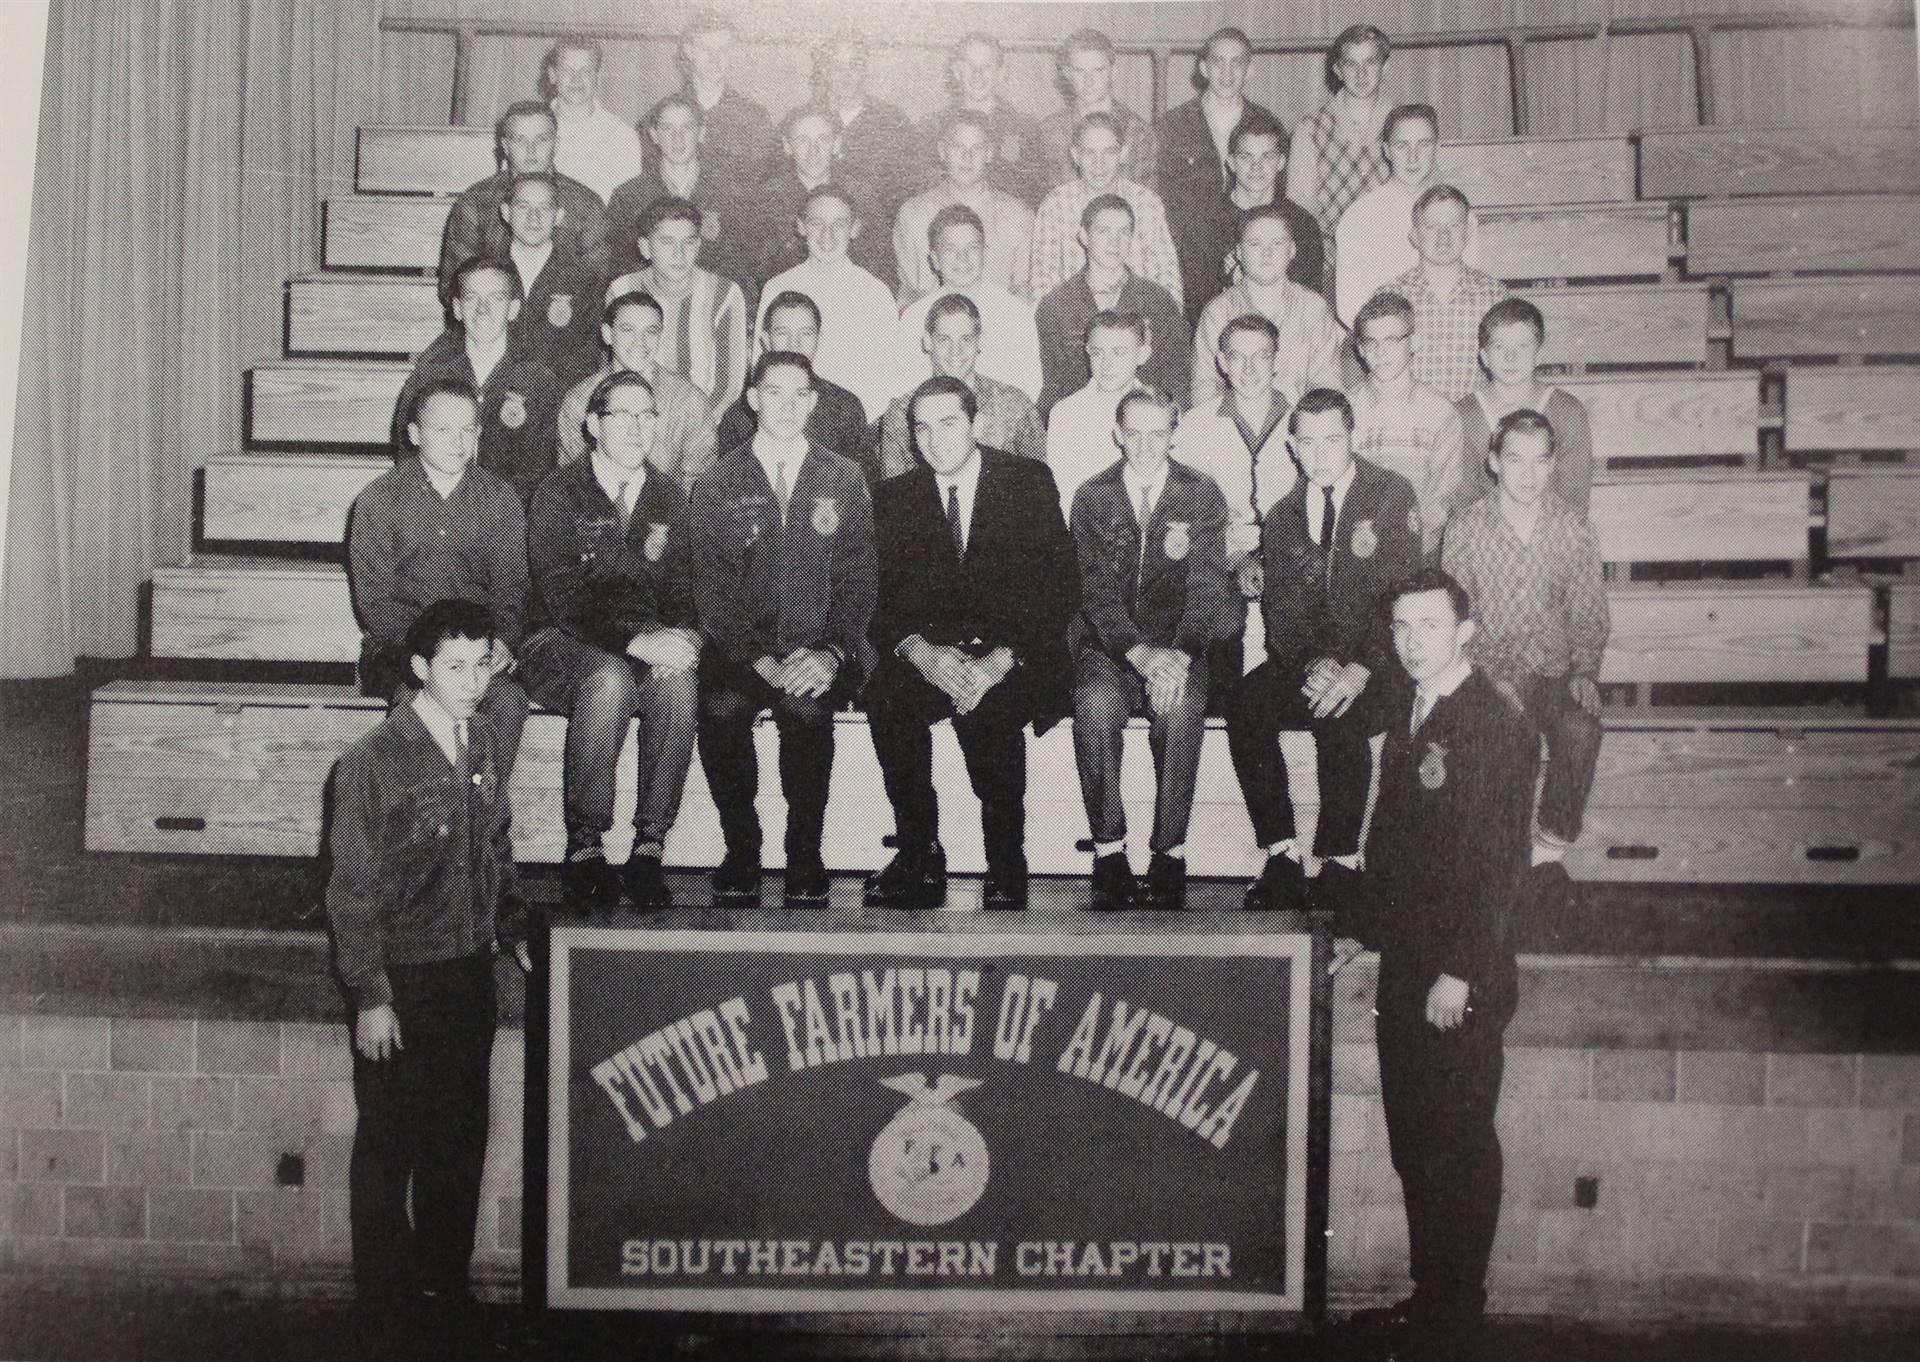 1963 Future Farmers Of America